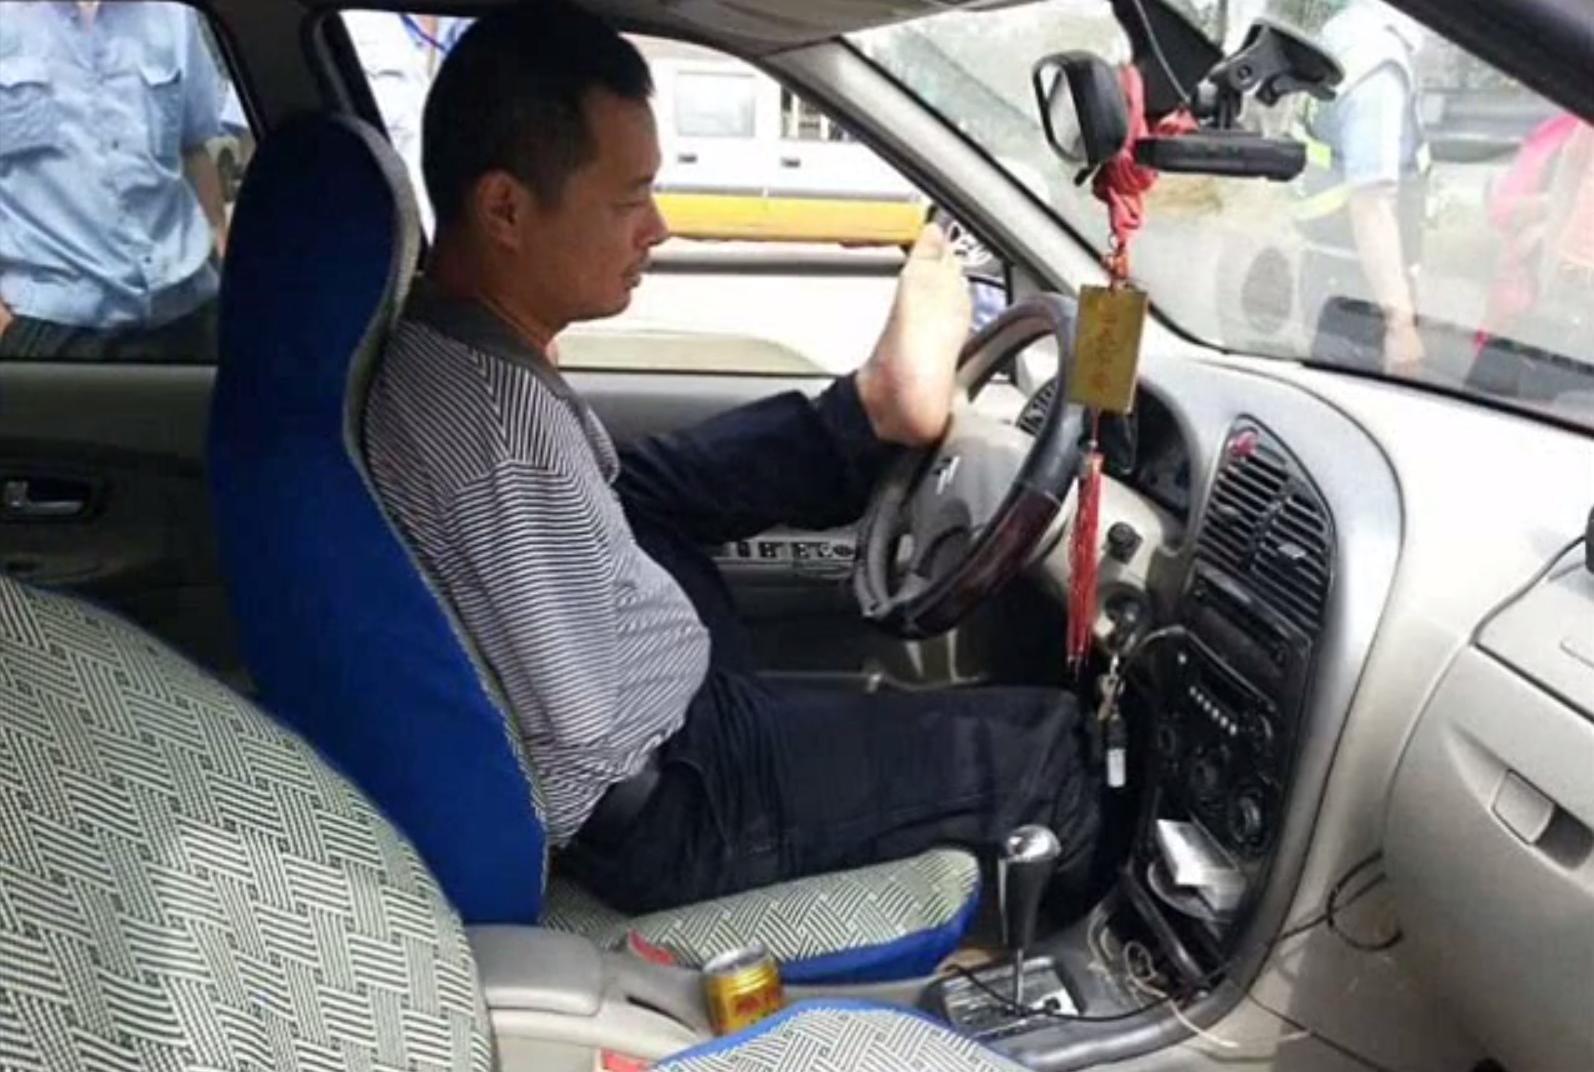 Китайские полицейские конфисковали машину у водителя, который управлял автомобилем с помощью своих ног